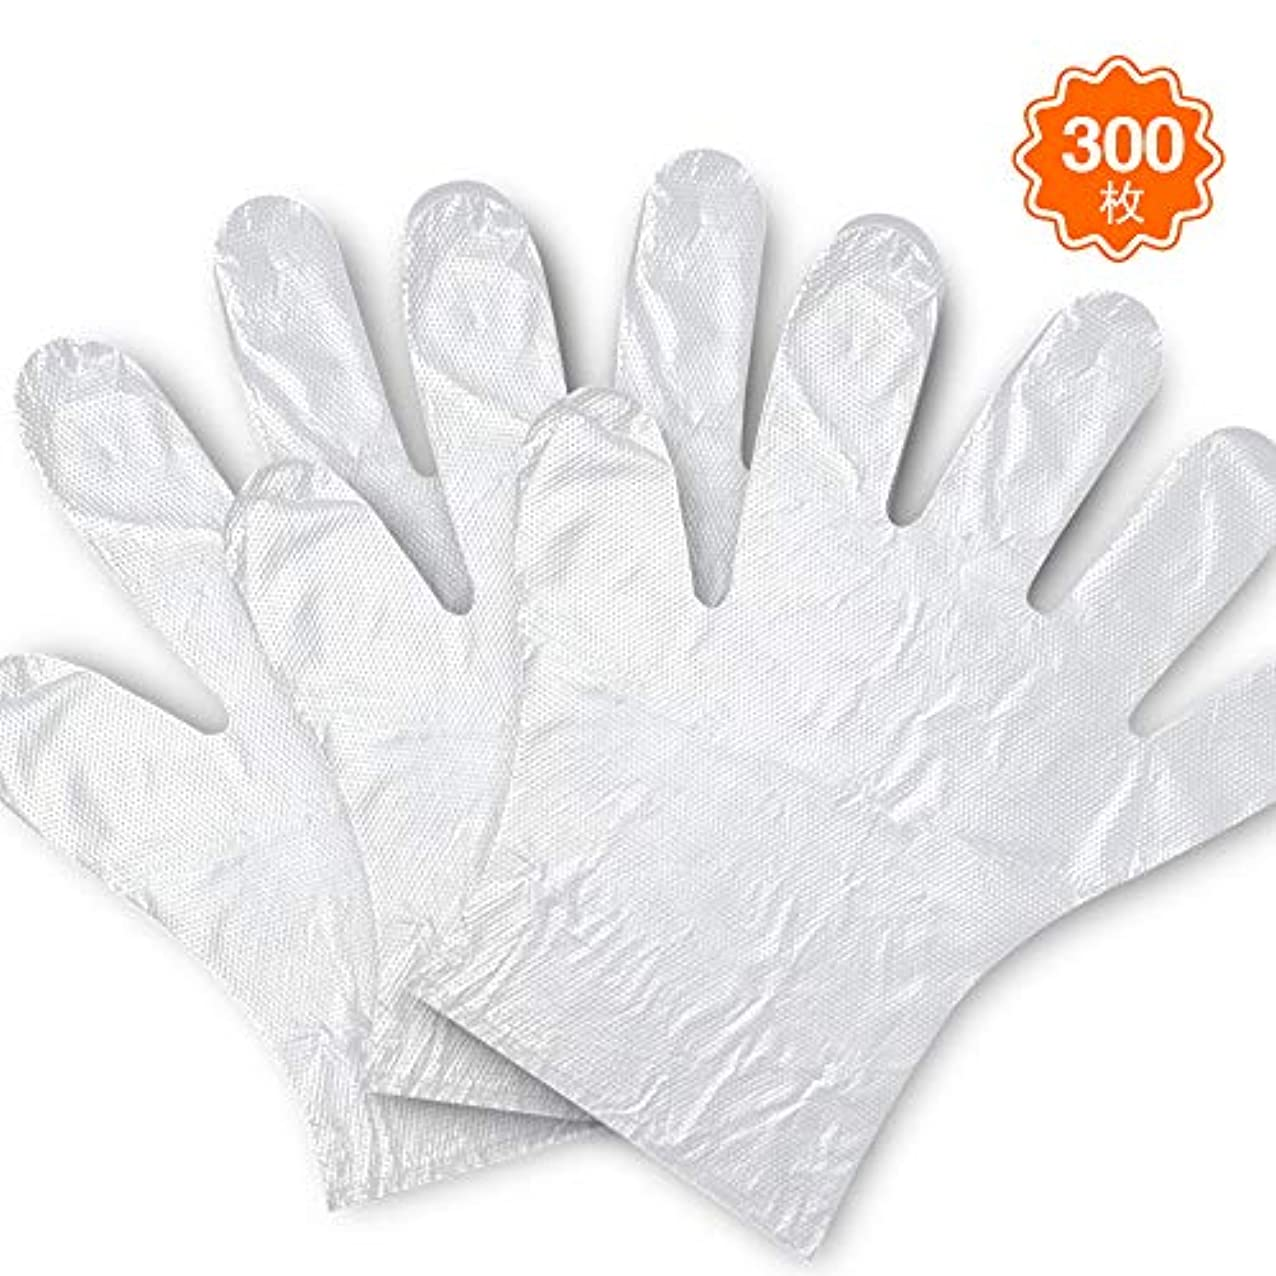 国家維持思慮のないFanDaMei 使い捨てポリ手袋 300枚 使いきり手袋 ポリエチレン 使い捨て手袋 極薄手袋 調理に?お掃除に?毛染めに 食品衛生法適合